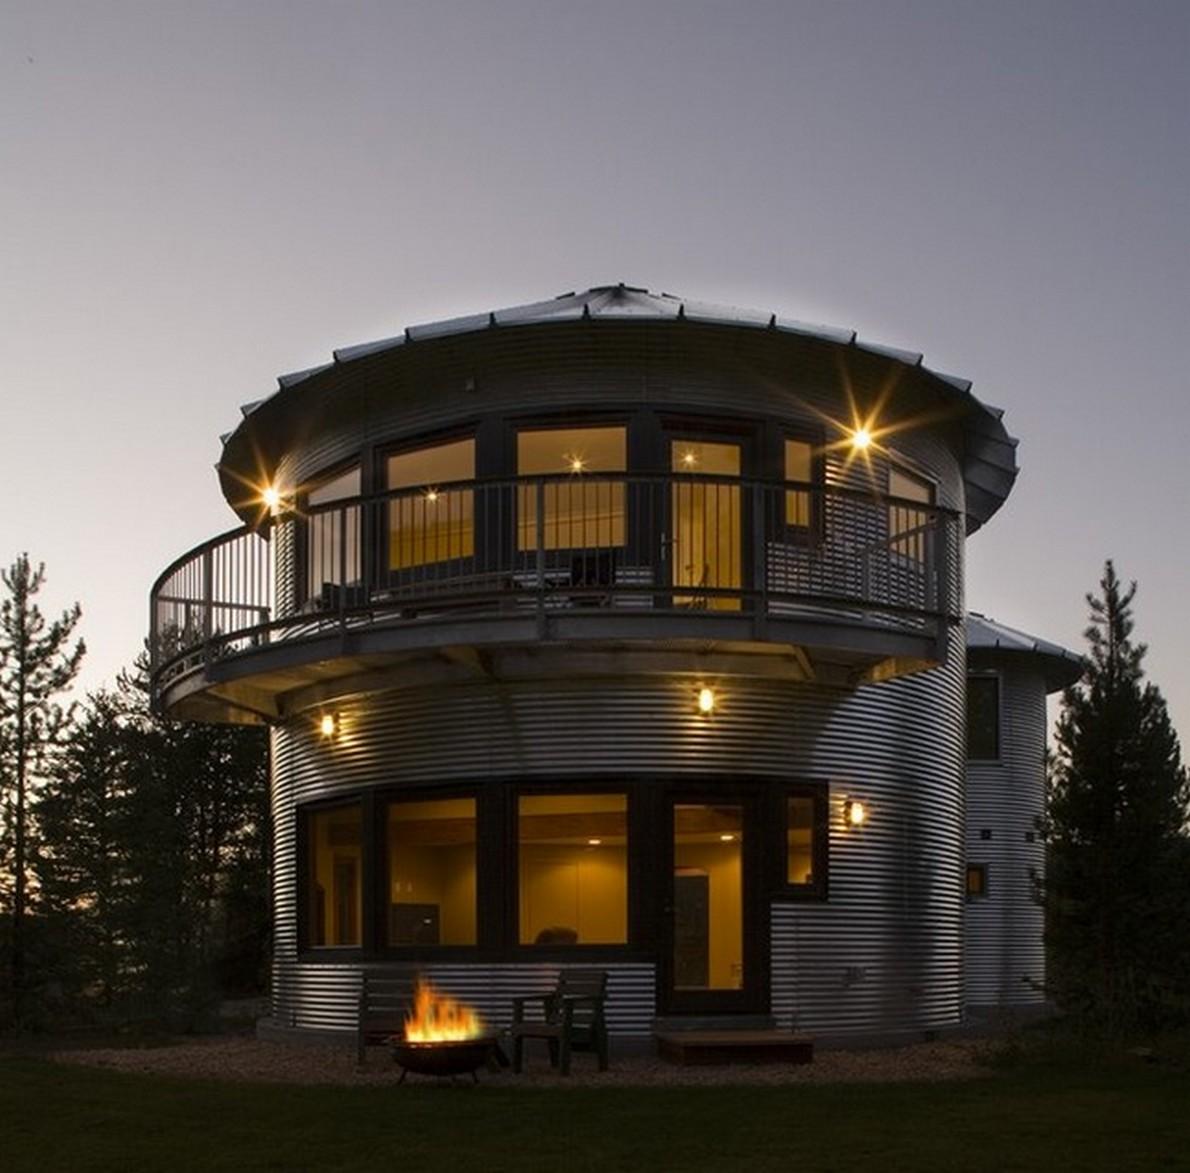 Nuove spettacolari case costruite con la spazzatura - Contenitori spazzatura casa ...